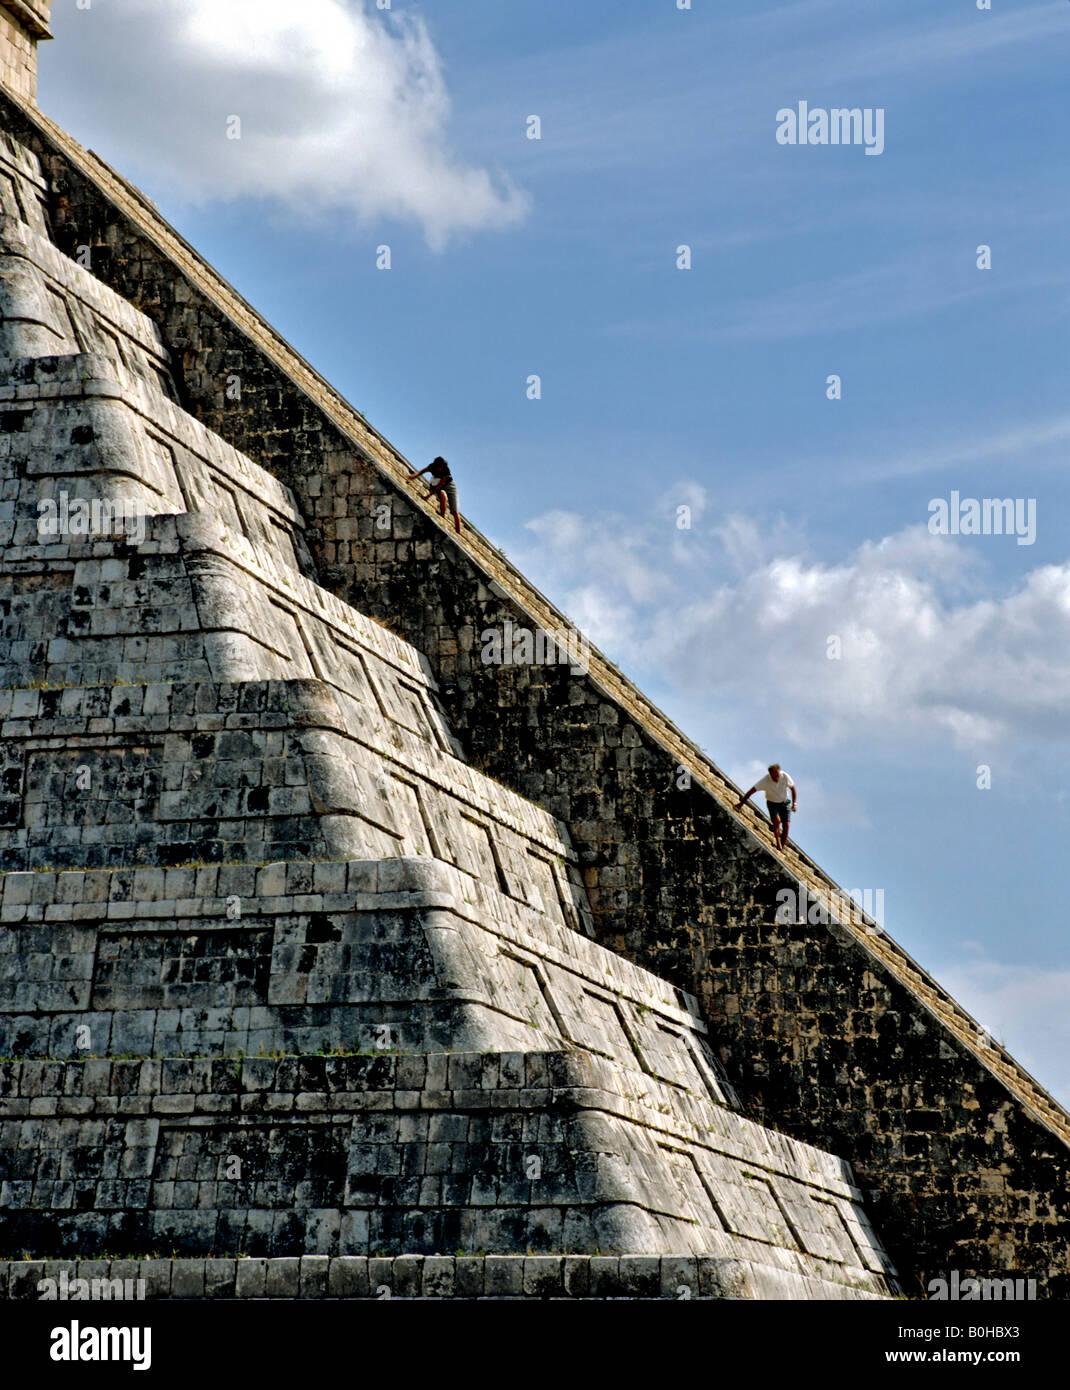 Pyramide, Temple de Kukulkan, Cichen Itza, la civilisation maya dans le Yucatan, Mexique, Amérique Centrale Photo Stock